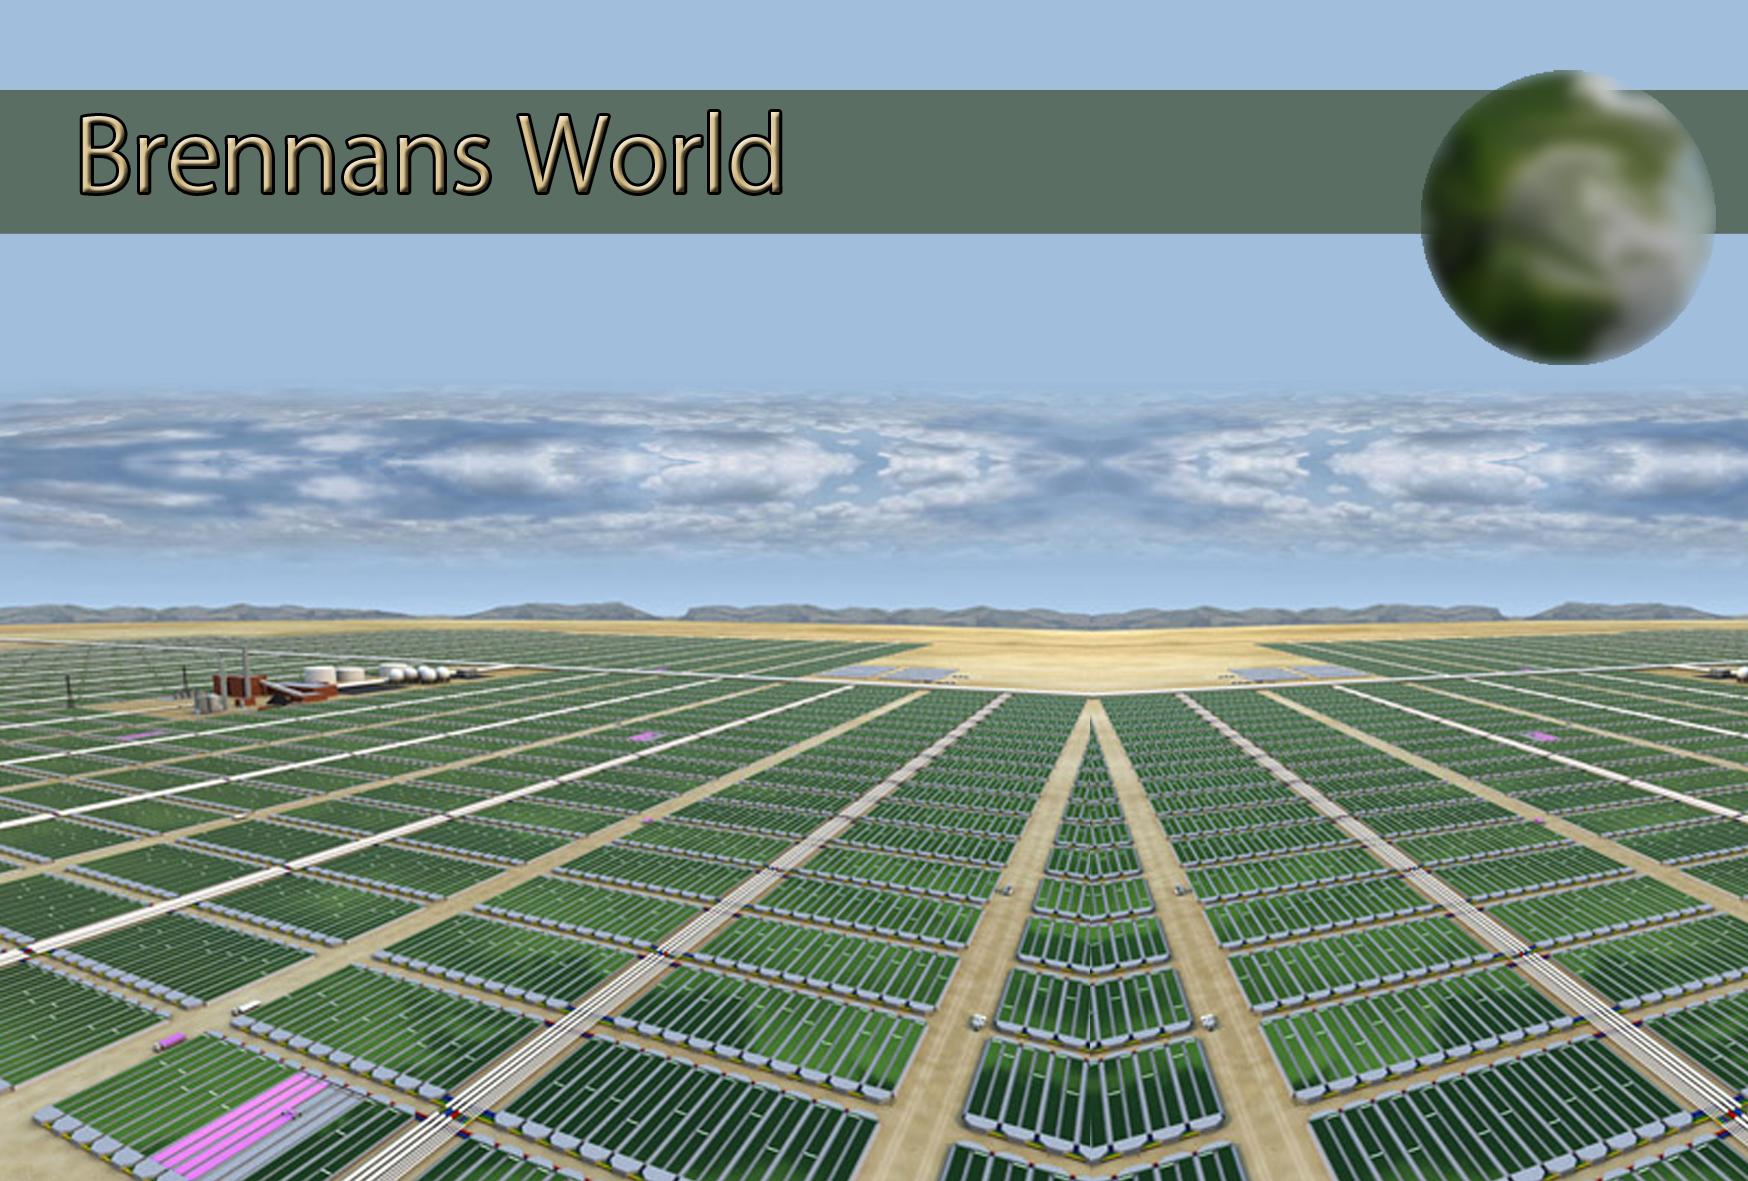 Brennans World